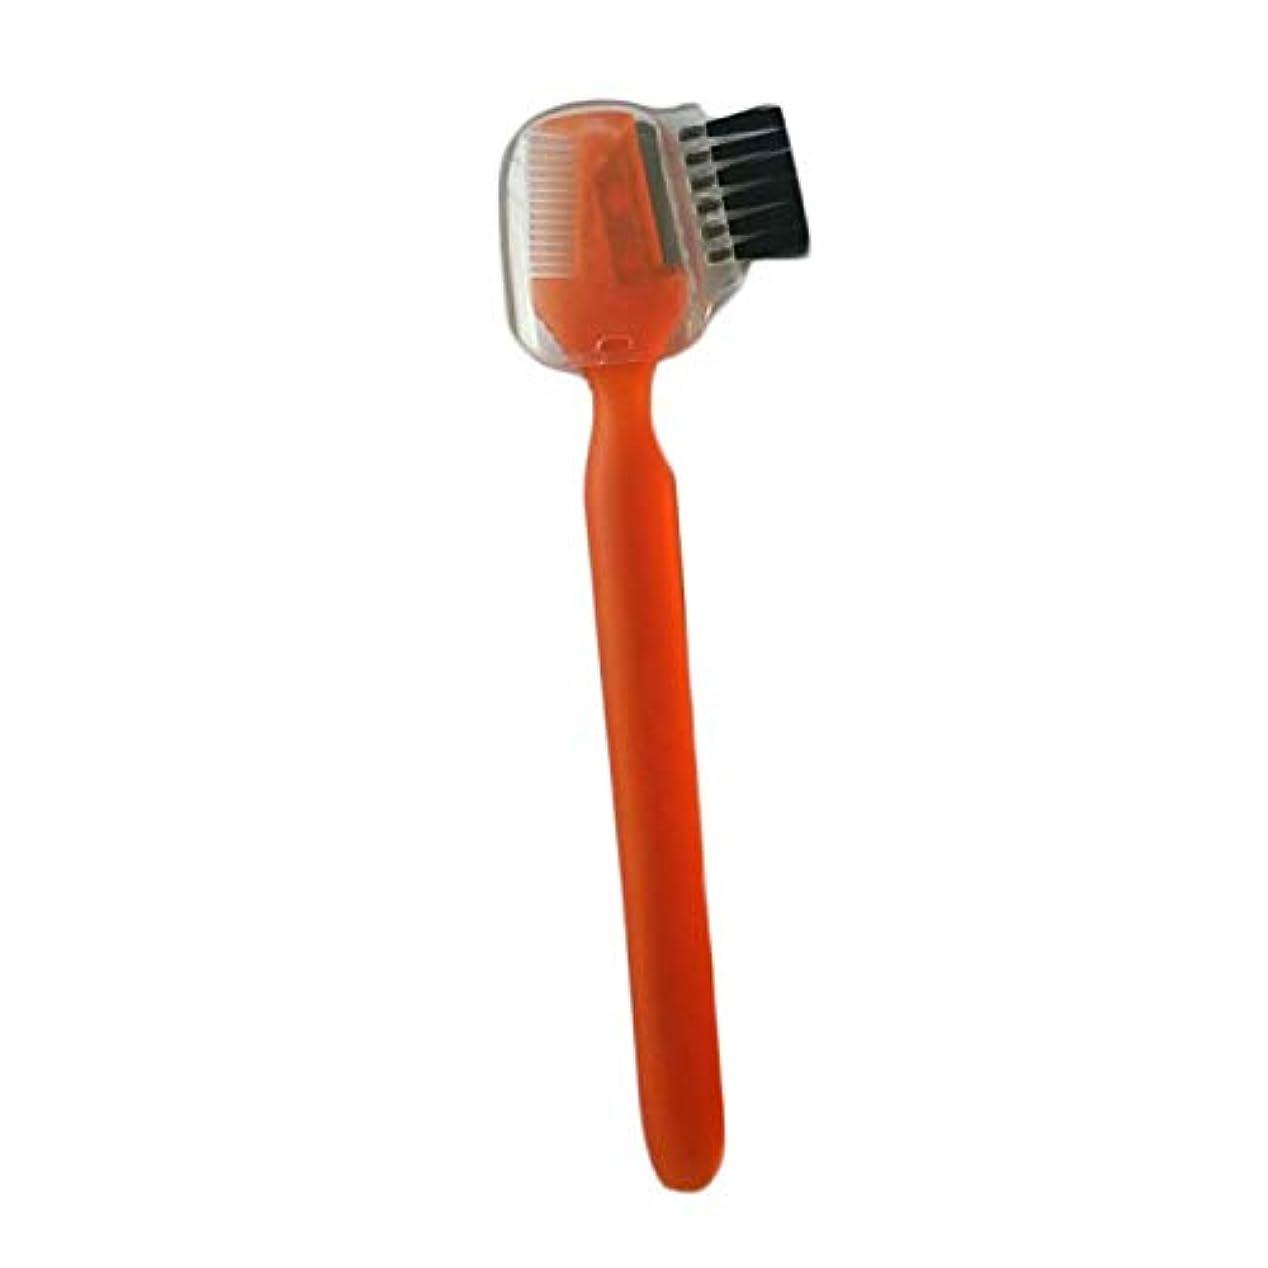 粘土リットルストロークYoshilimen 眉毛櫛でオリジナルの5 pcsの女性のティンクル眉剃刀トリマー形状プロシェービングキット(None orange)